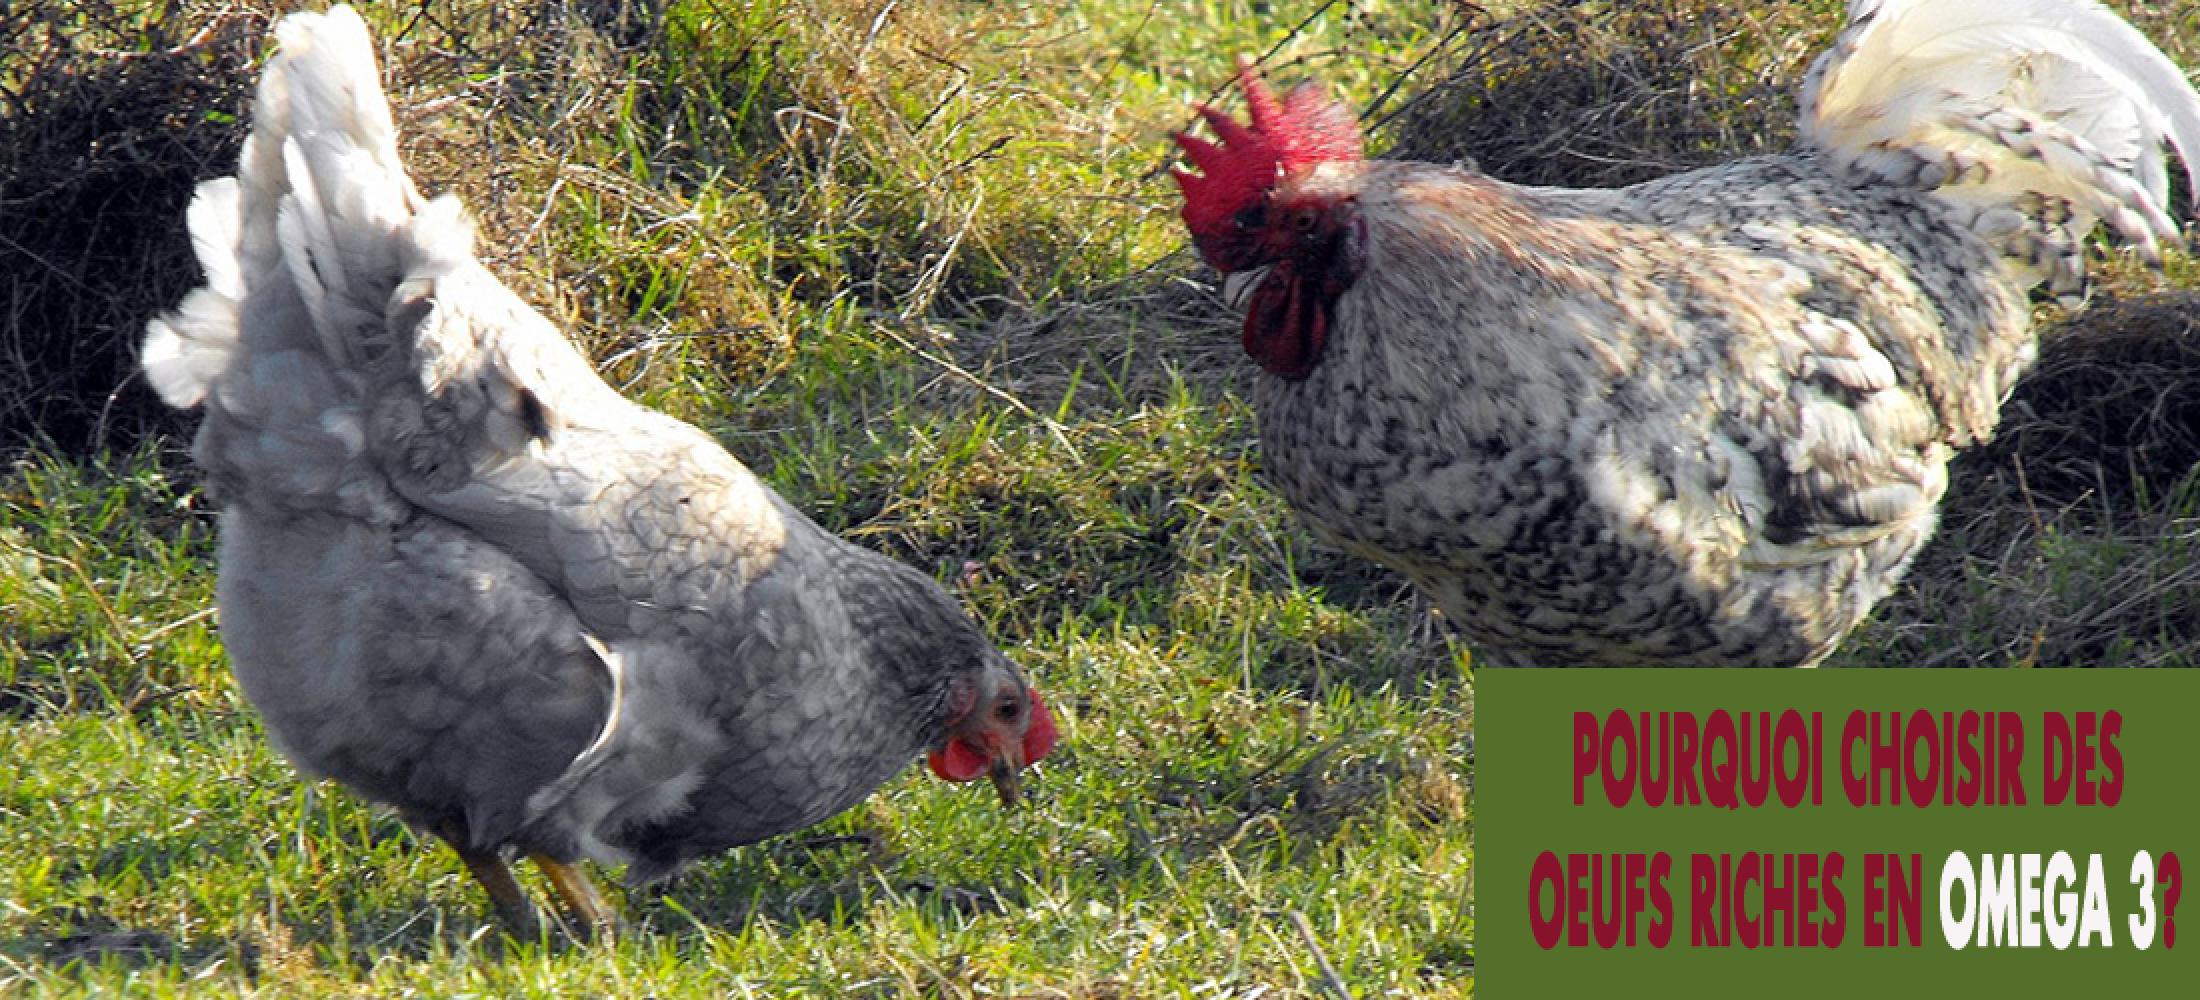 Pourquoi choisir des œufs riches en Oméga 3 avec le régime Paléo?